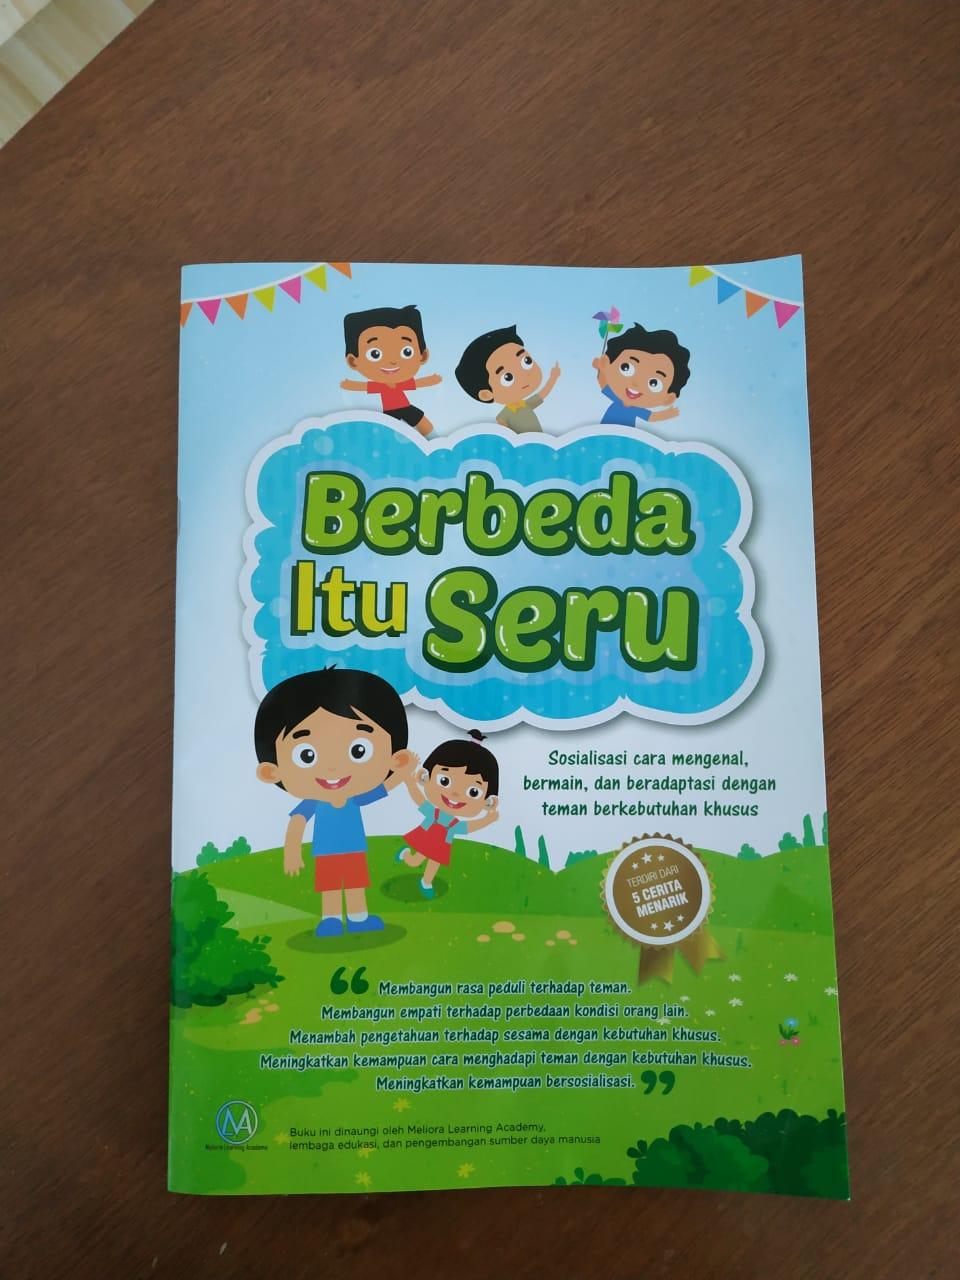 Review Buku: Berbeda Itu Seru